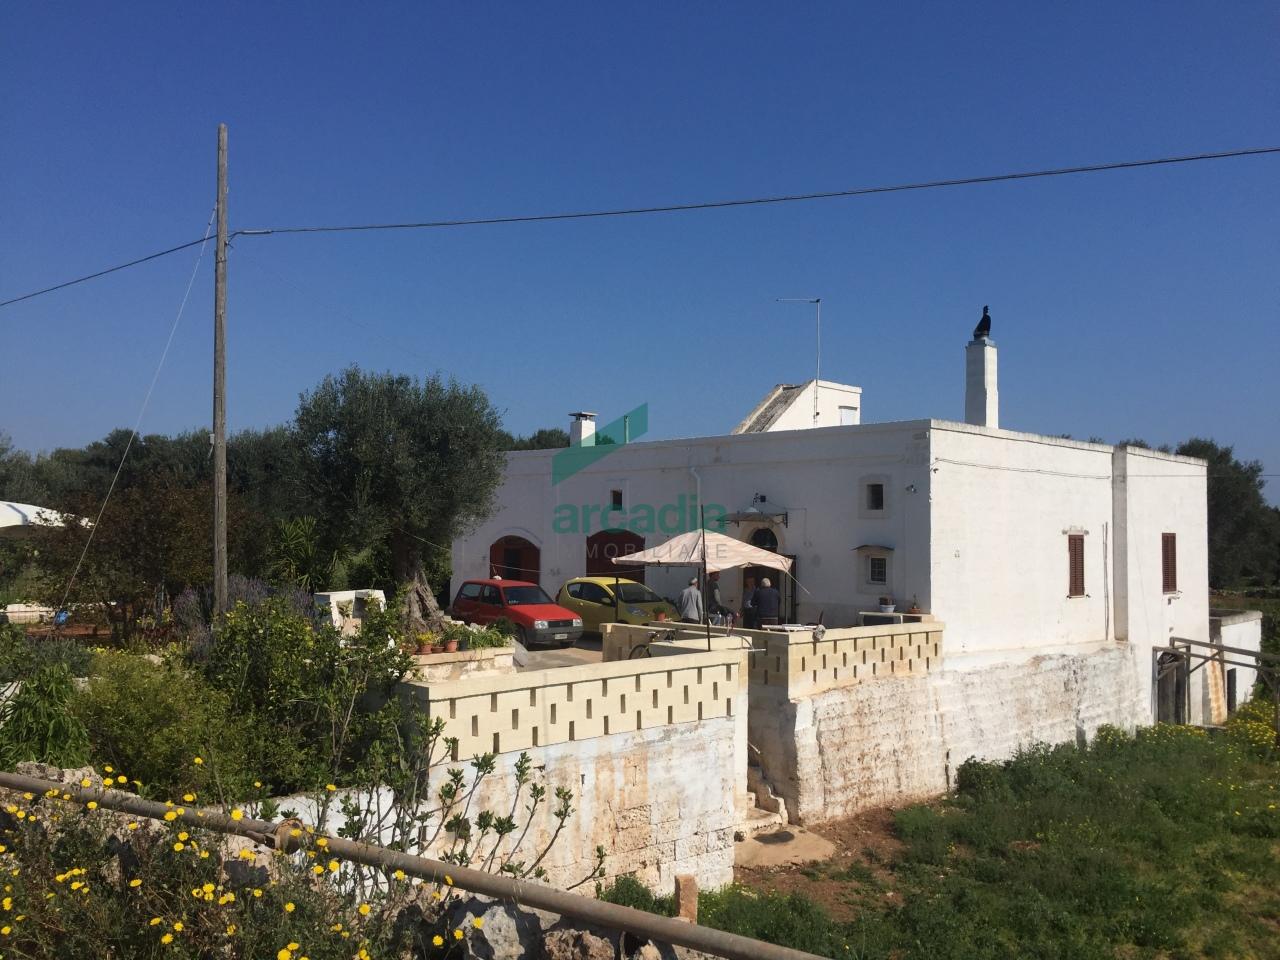 Rustico / Casale in vendita a Fasano, 7 locali, prezzo € 350.000 | Cambio Casa.it